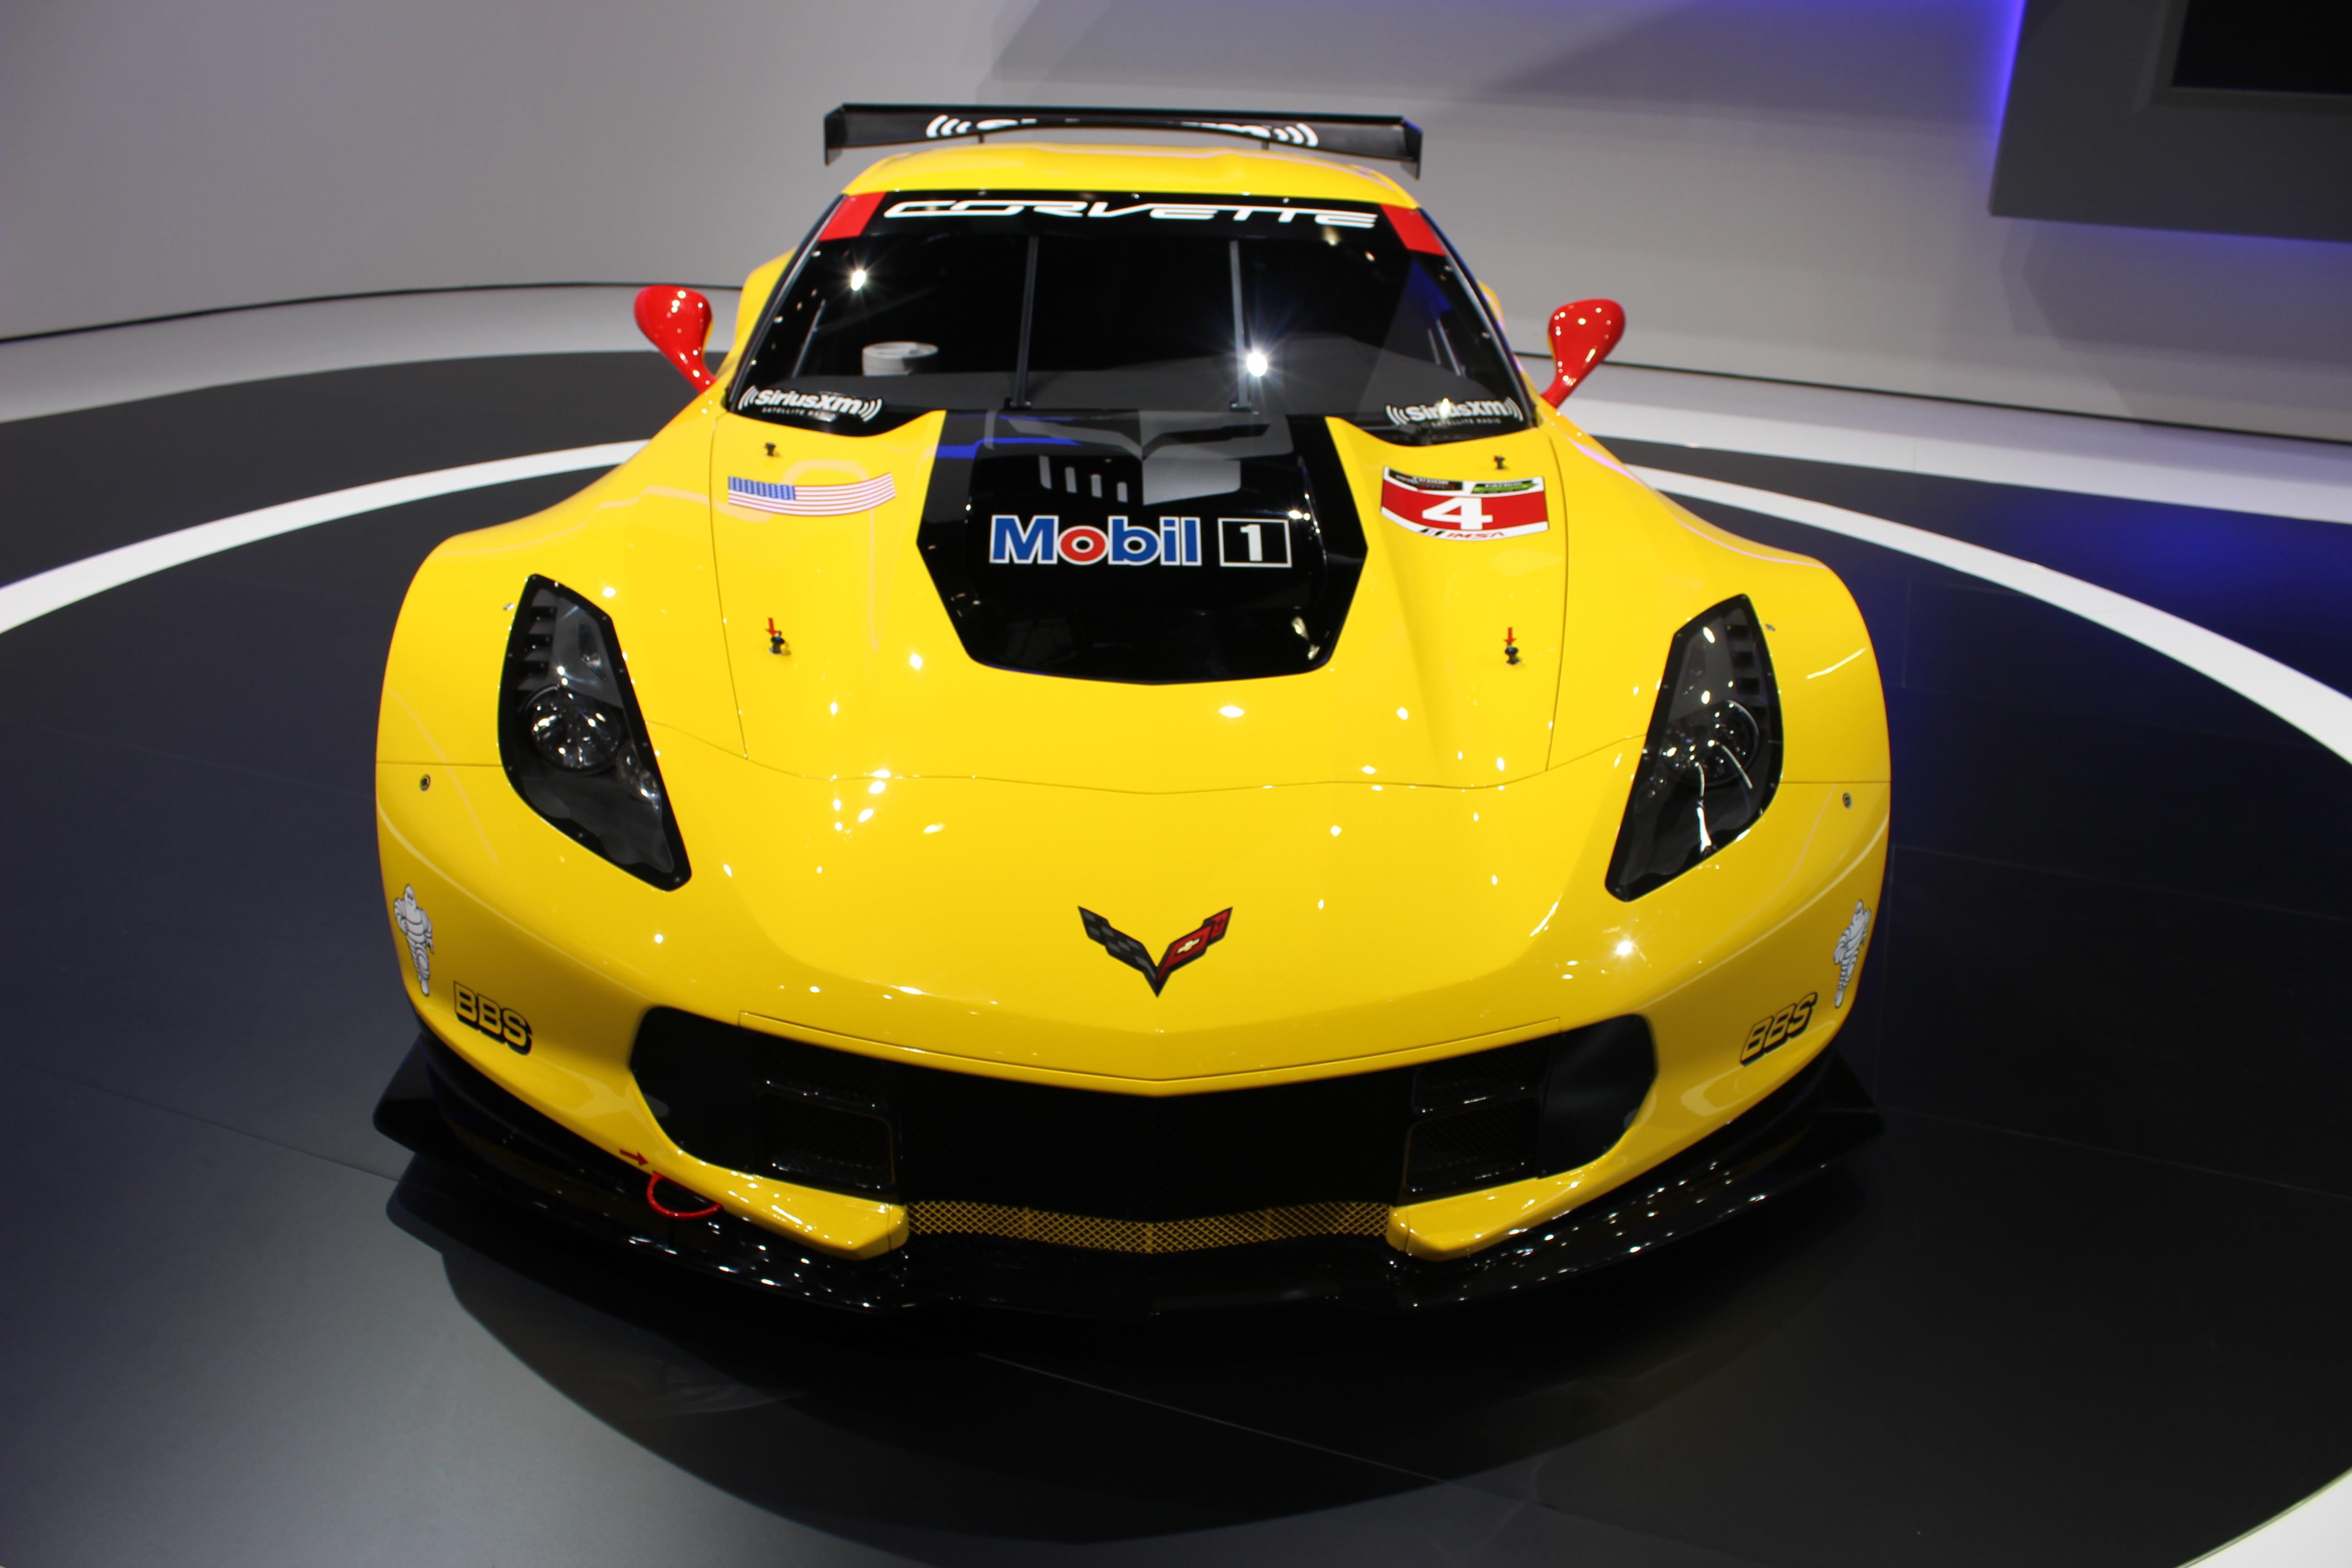 Chevrolet-Corvette-C7R-LMGT-FIA-WEC-24-Heures-Mans-2014 (5)